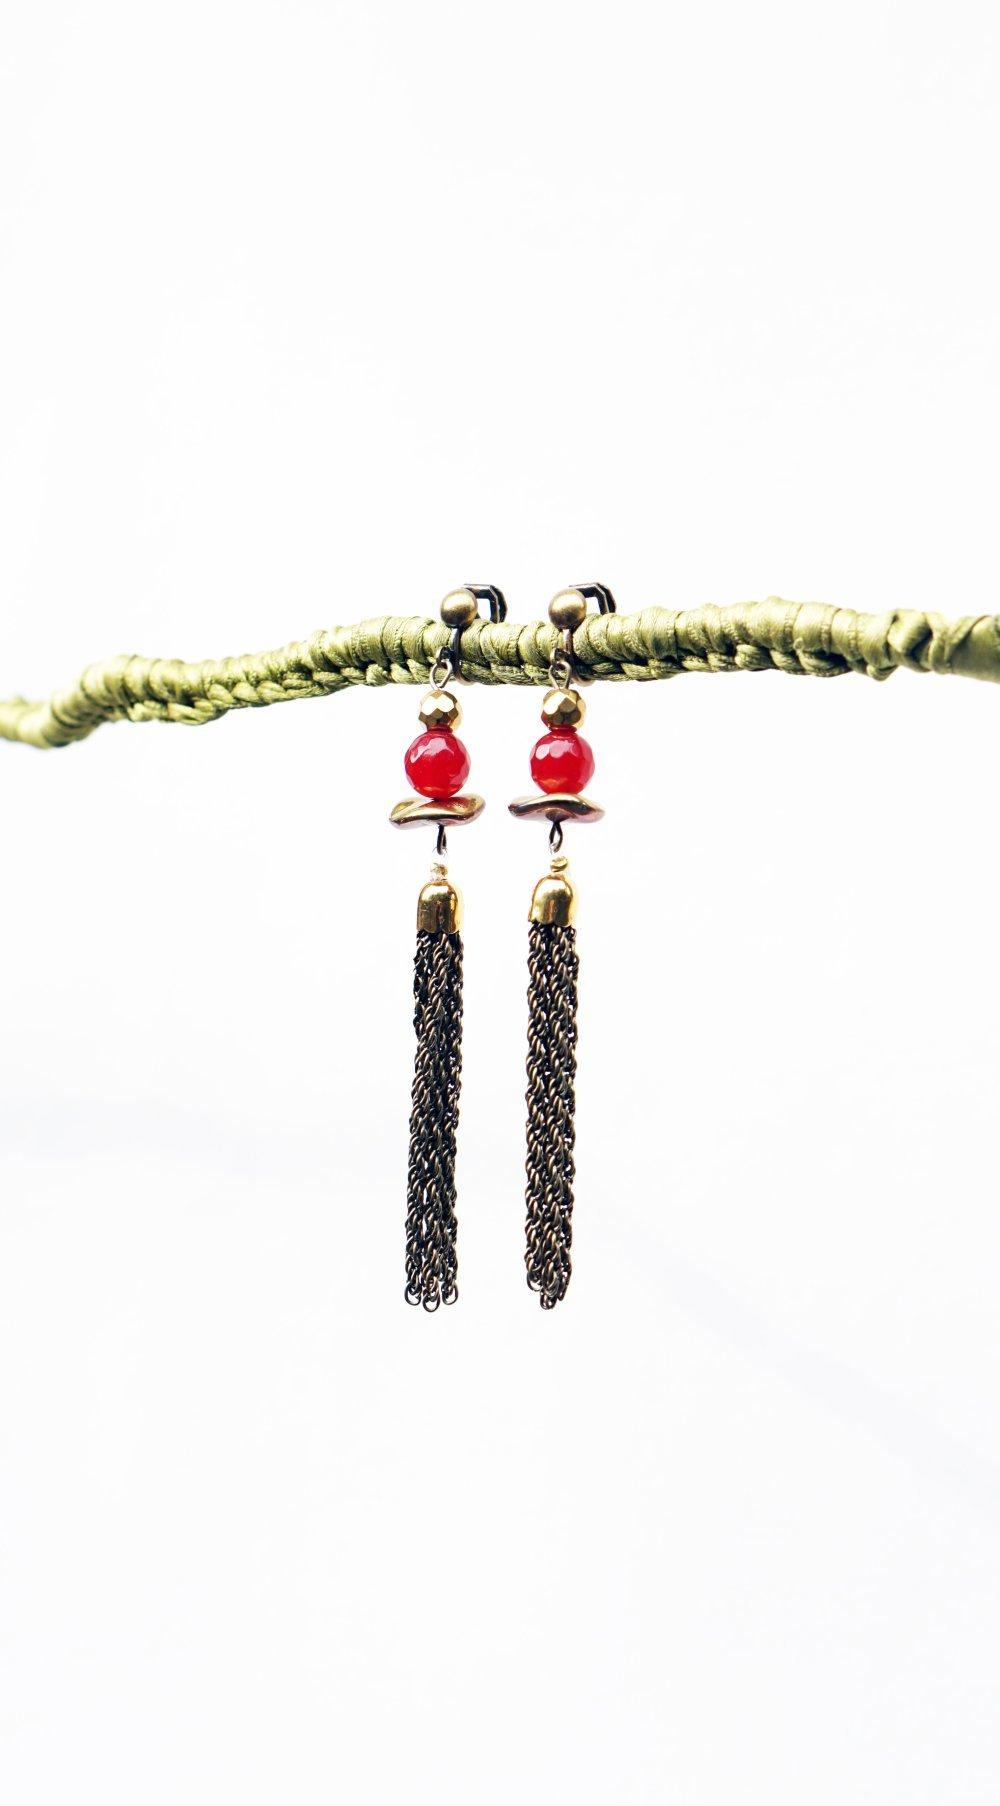 Boucles d'oreilles Longues Clips Rouge bordeaux Grenat & Métal Bronze Agate Gem Czech Cristal de Bohème Bijoux créateur